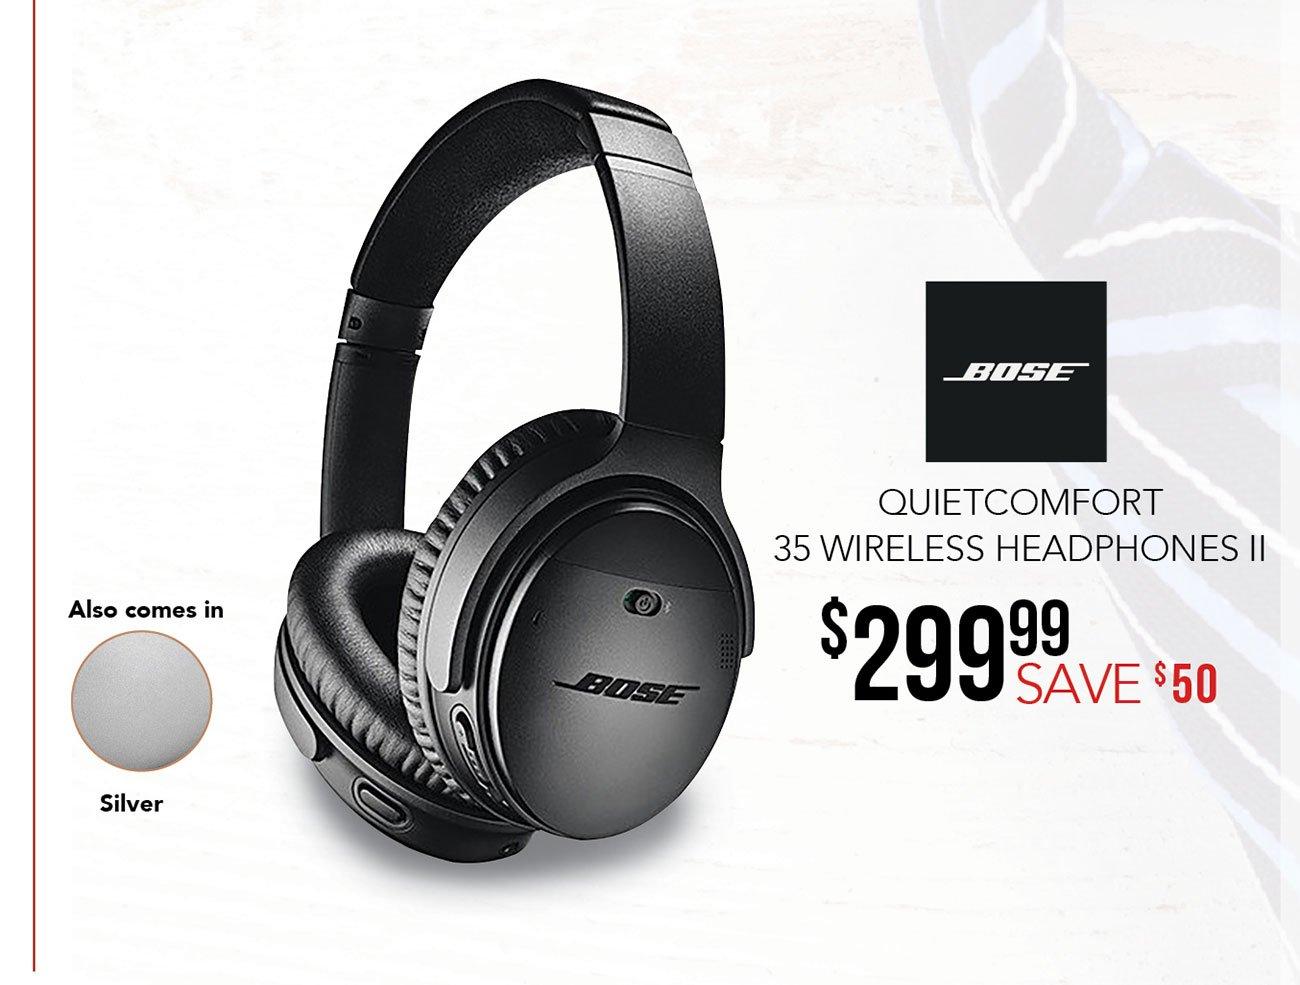 Bose-Quietcomfort-headphones